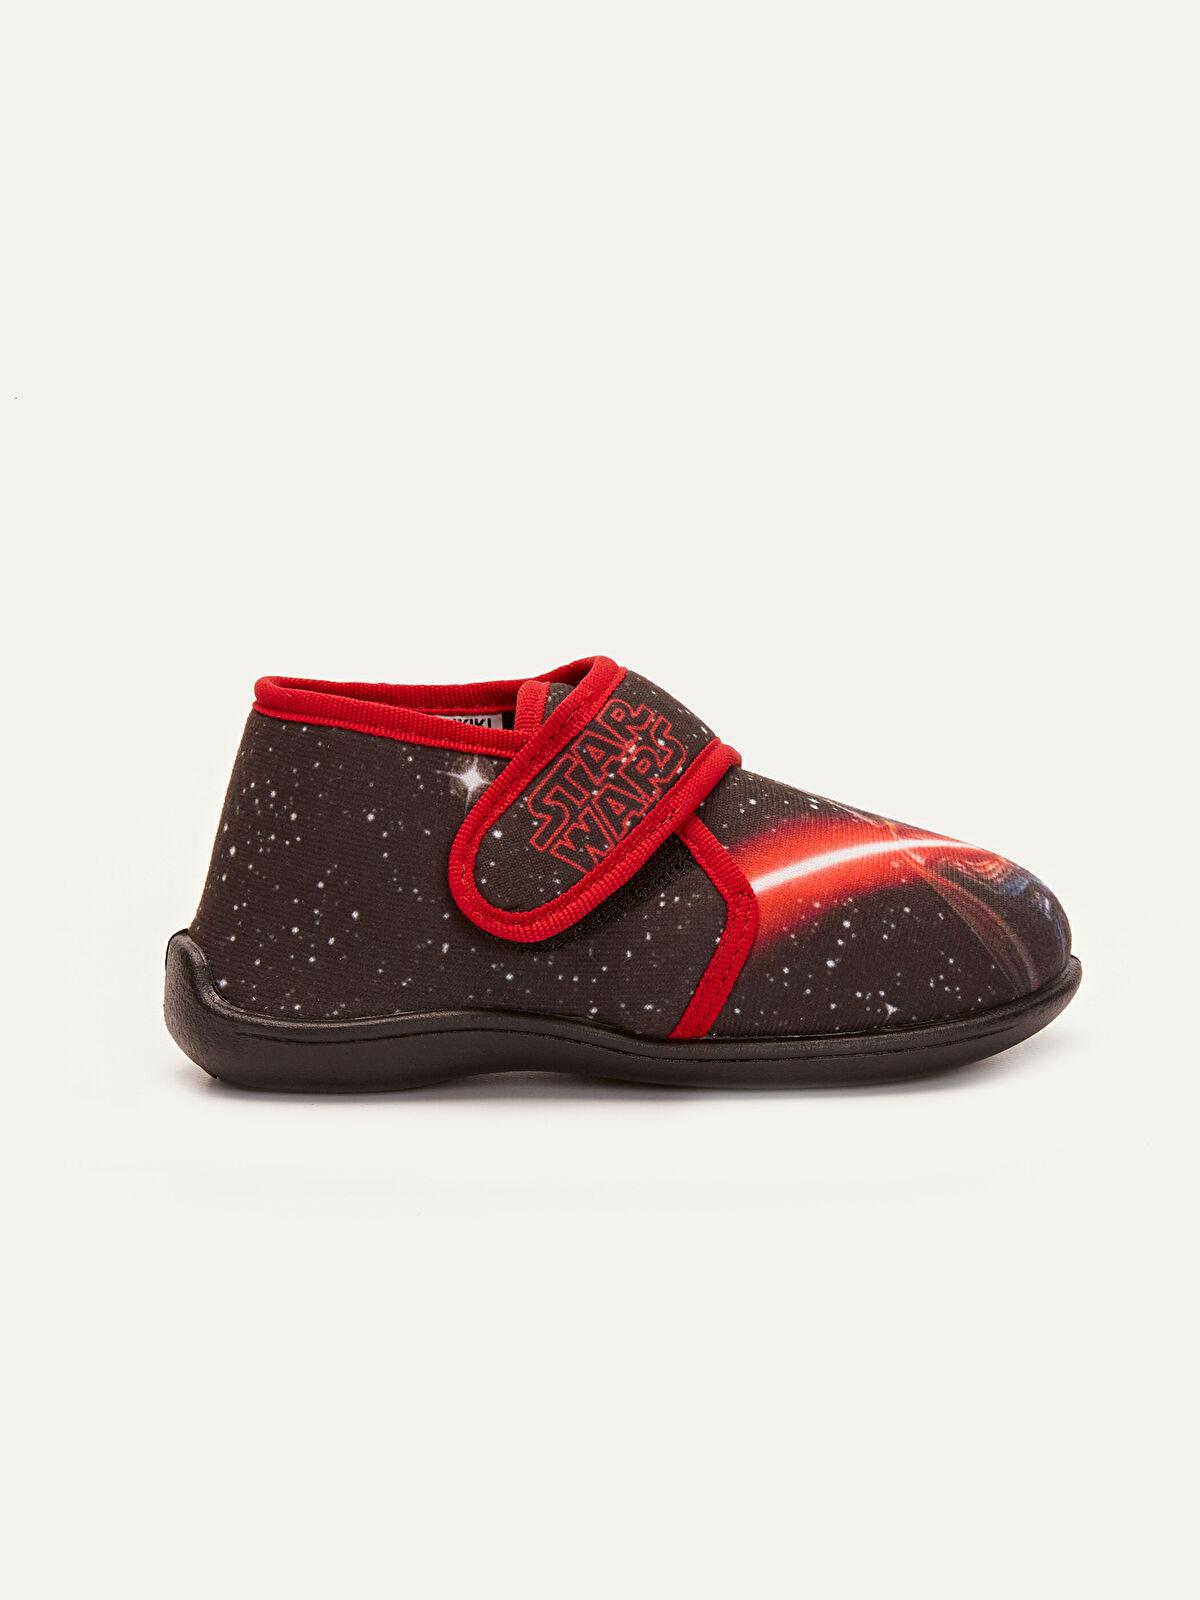 Erkek Çocuk Star Wars Baskılı Ev Ayakkabısı - LC WAIKIKI